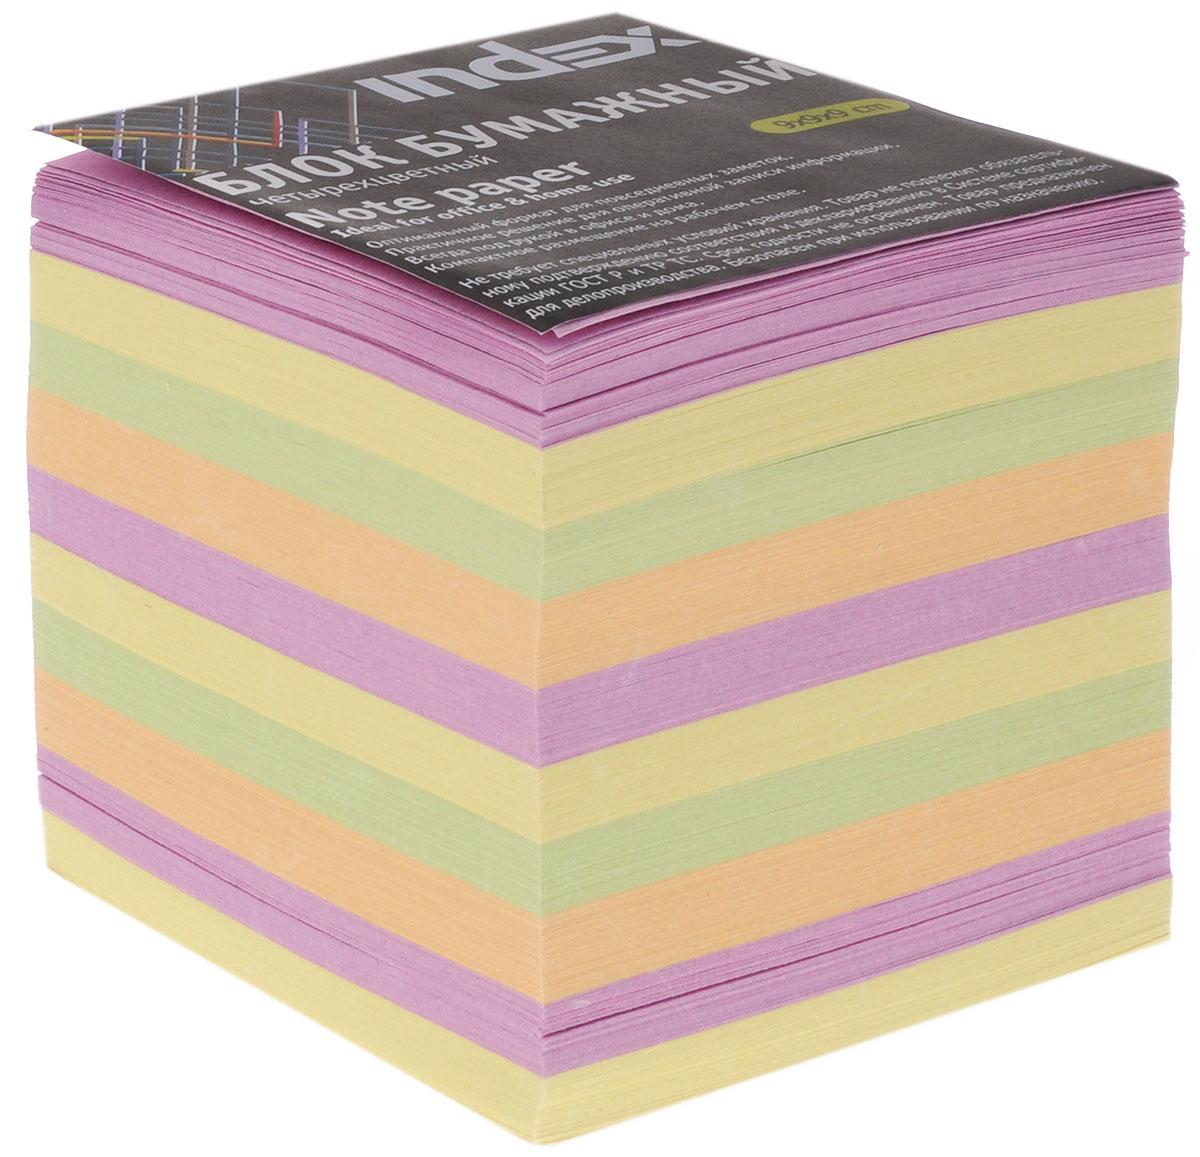 Index Блок для записей многоцветный цвет желтый сиреневый зеленый оранжевый